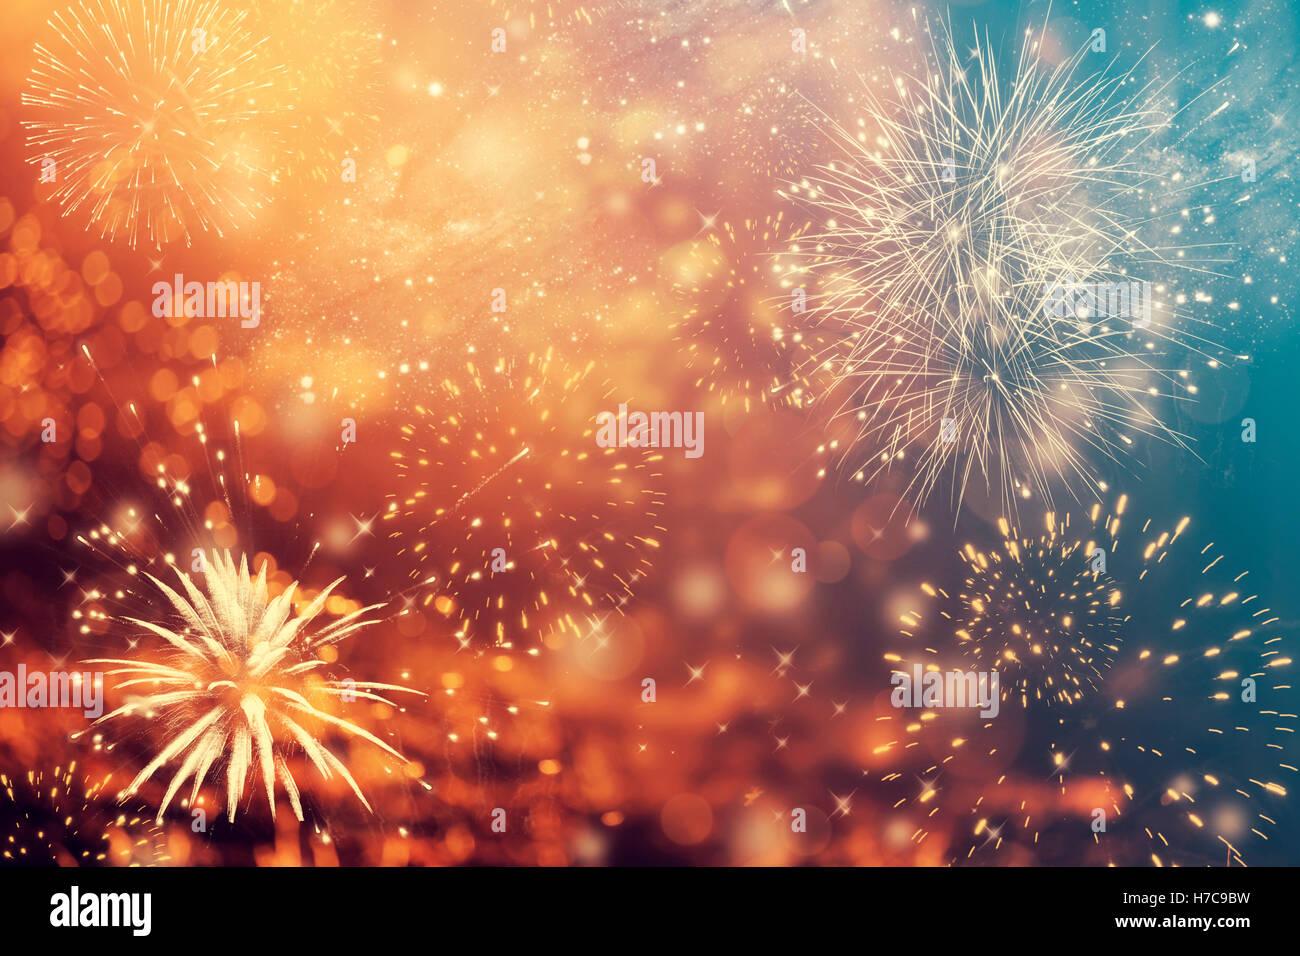 Resumen de vacaciones colorido fondo de cielo con fuegos artificiales y estrellas Foto de stock